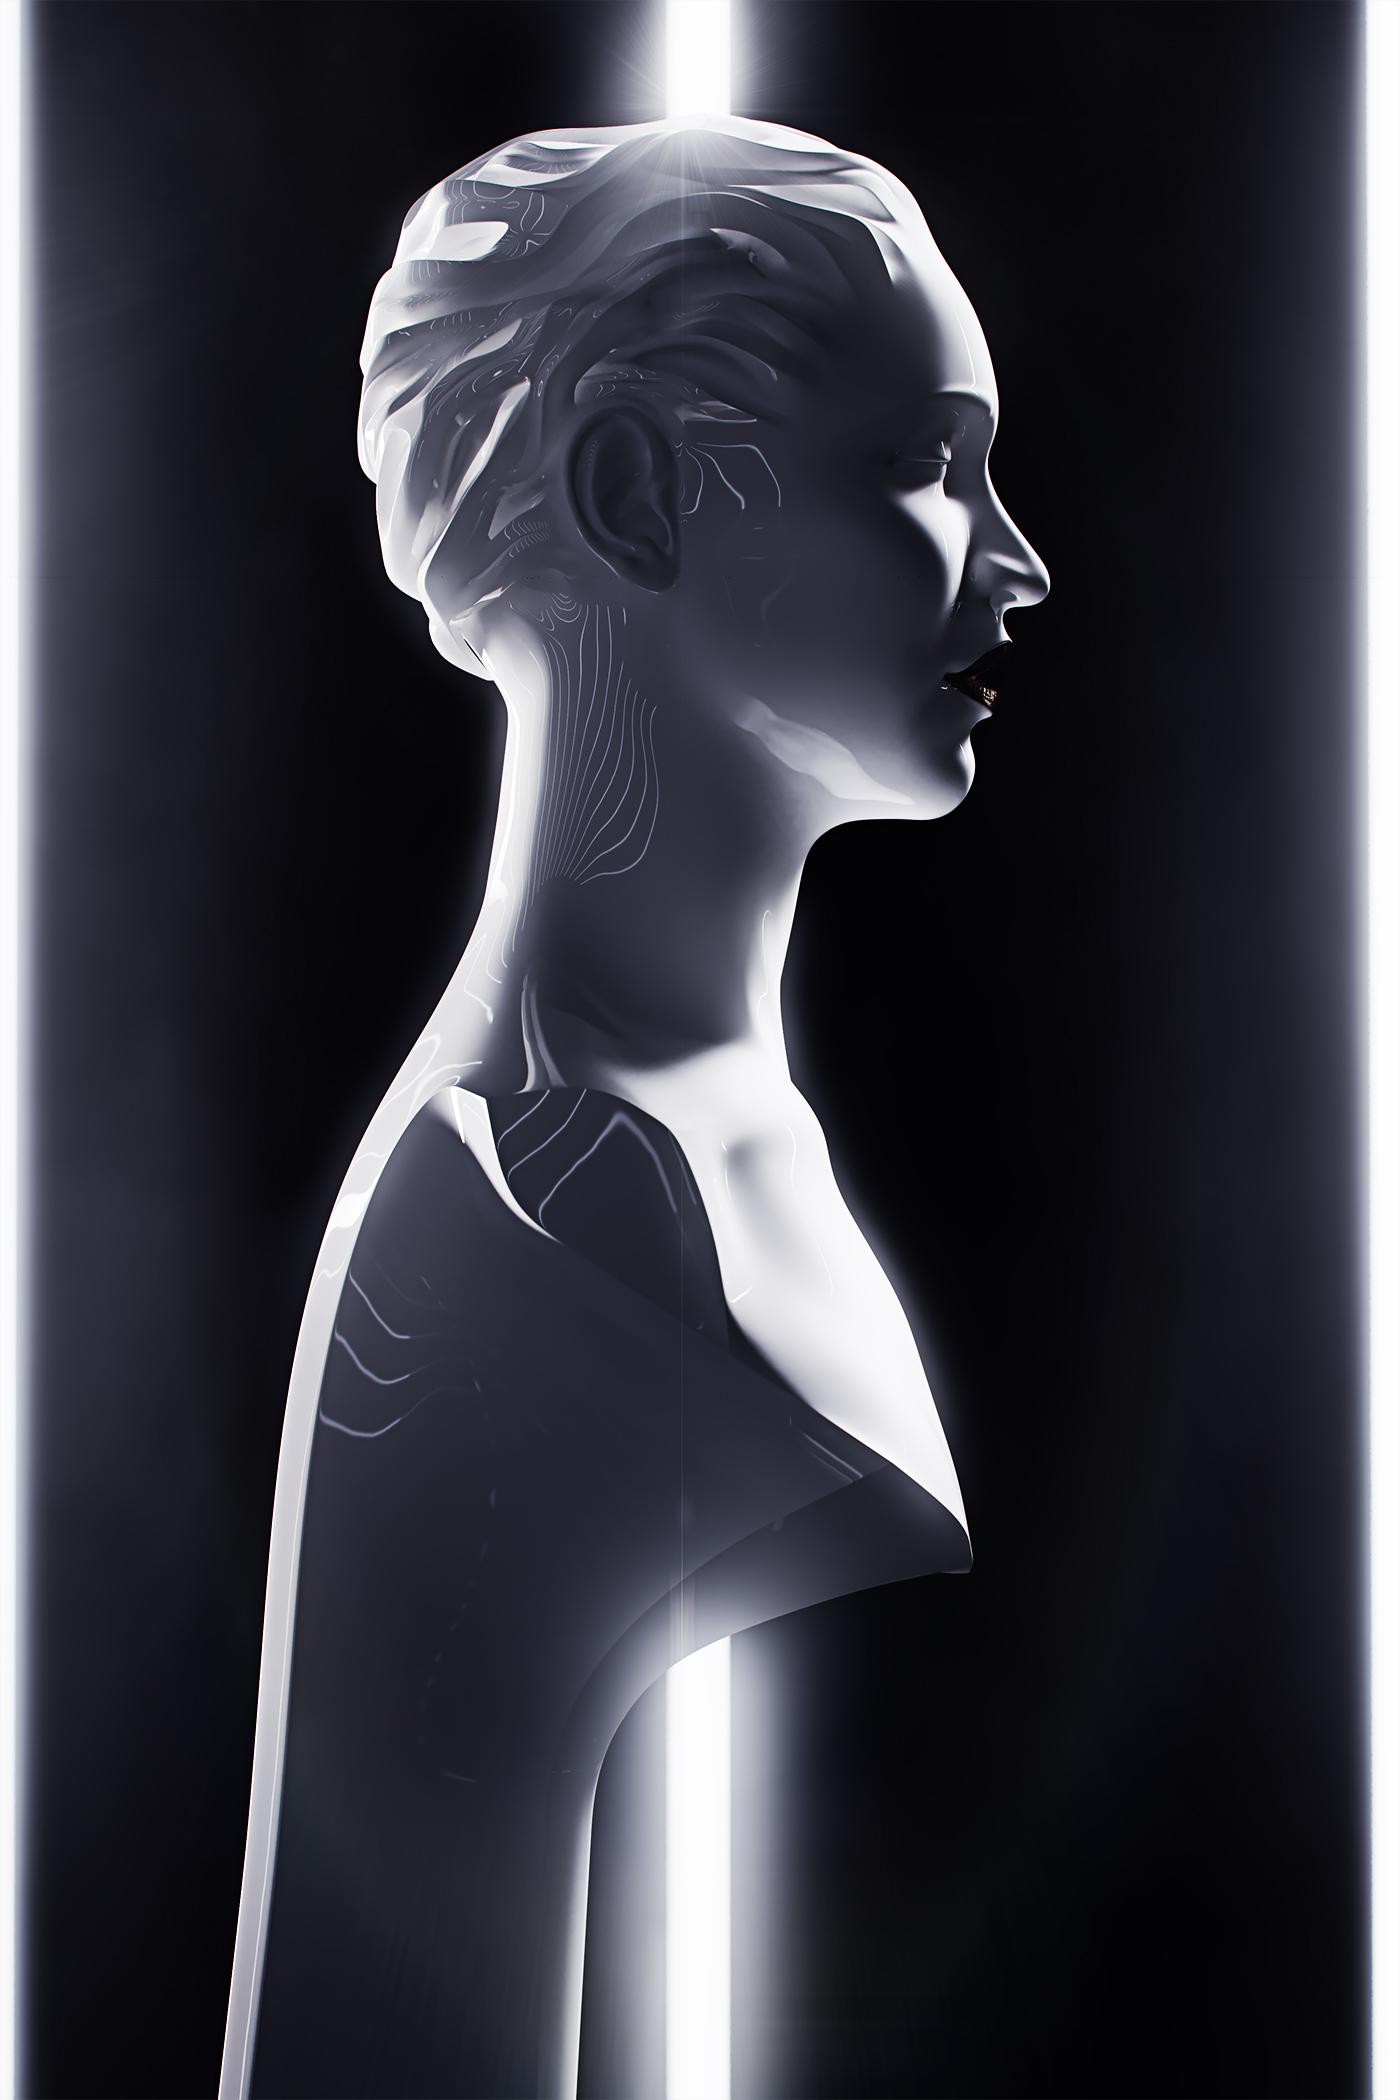 Sculpture, portrait of a Singer 3